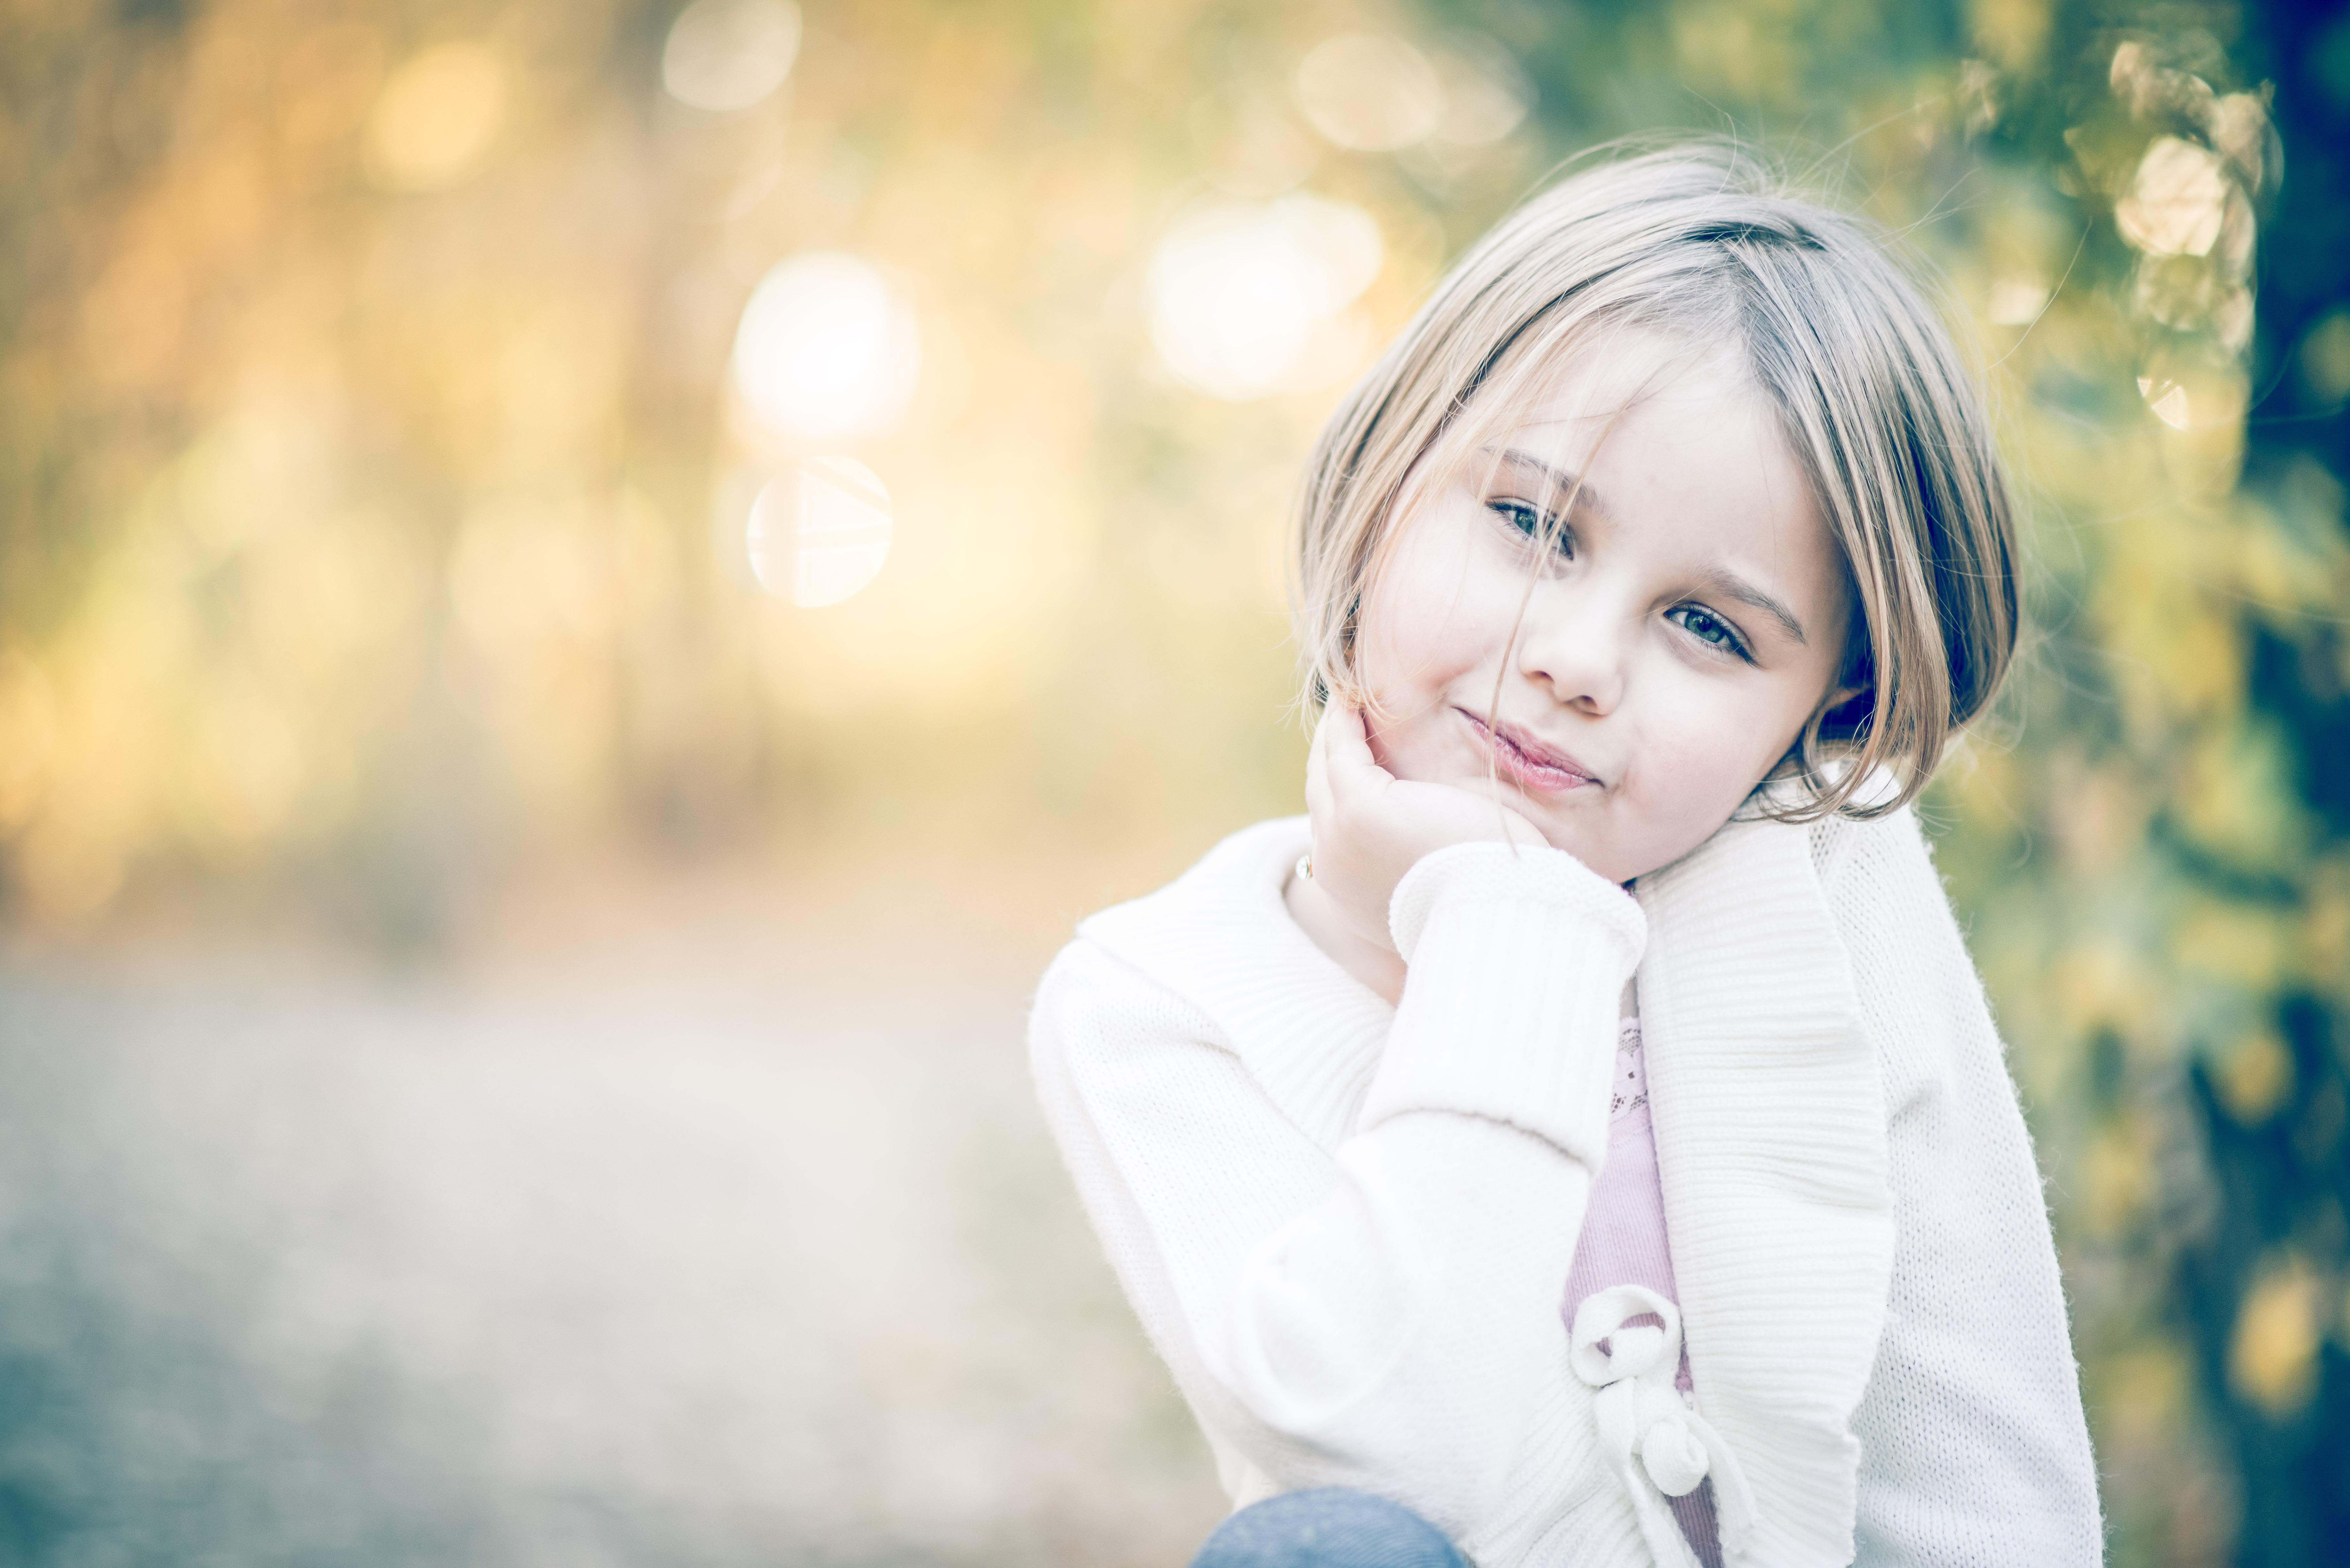 【5ヶ月の女の子】襟付きボディとブルーのブルマを使った上下リンクコーディネート♪まとめ